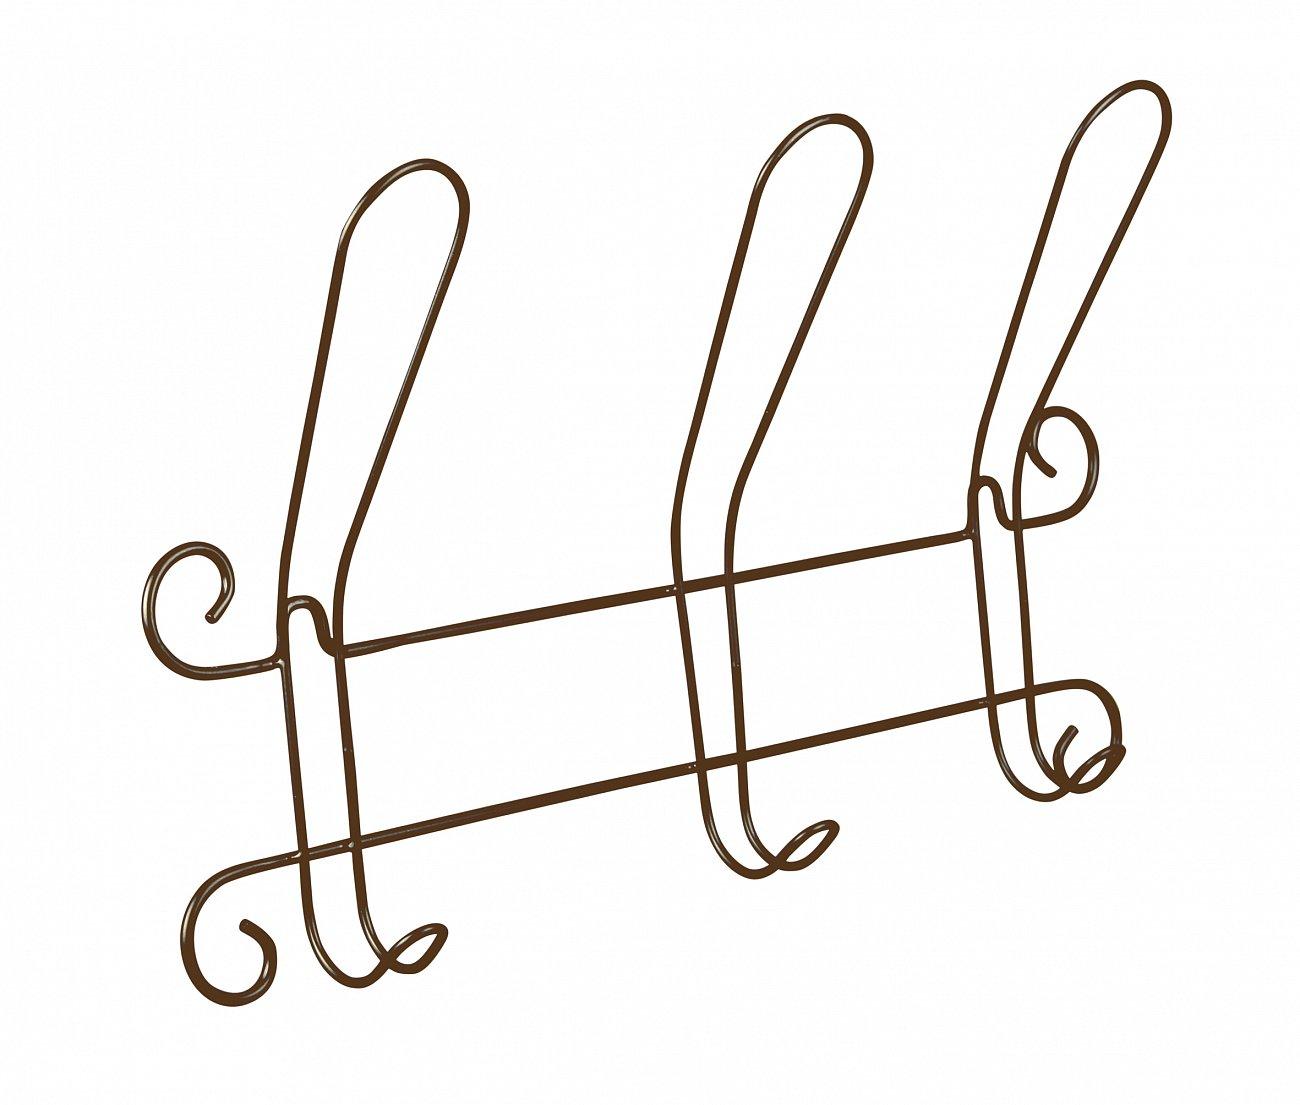 Купить Вешалка Настенная Graciya zavit коричневая в интернет магазине дизайнерской мебели и аксессуаров для дома и дачи